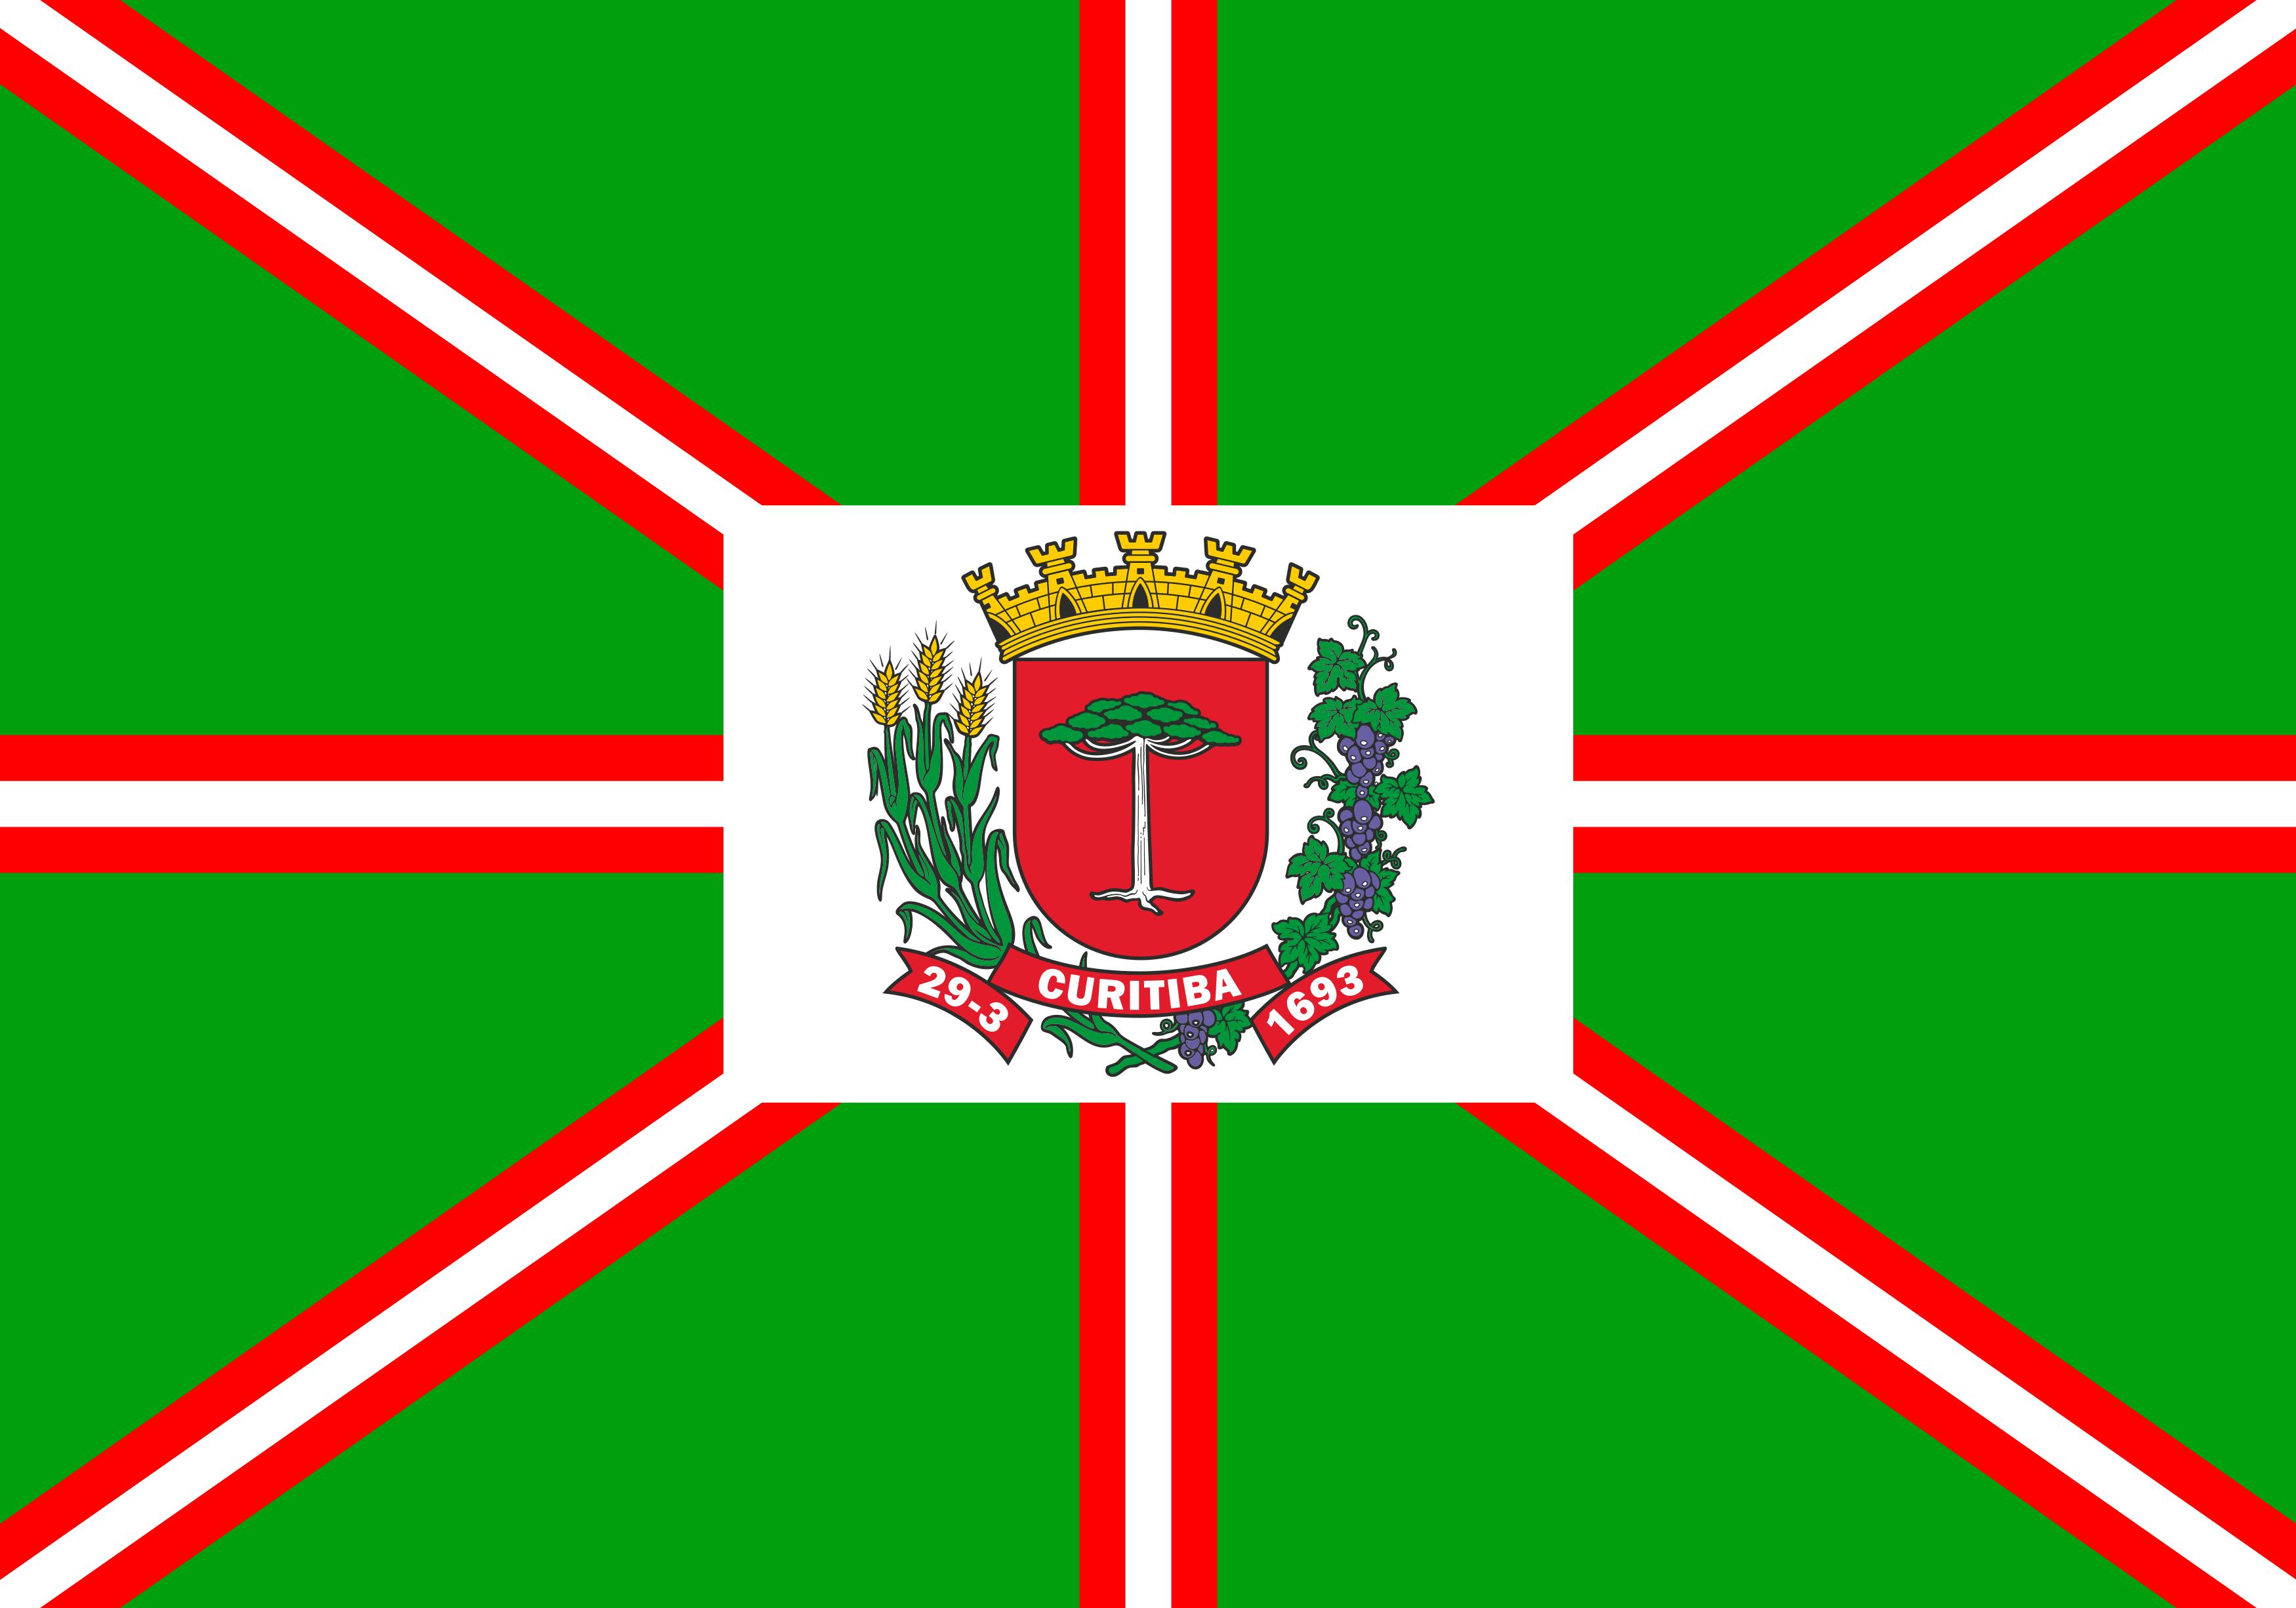 Bandeira de Curitiba.